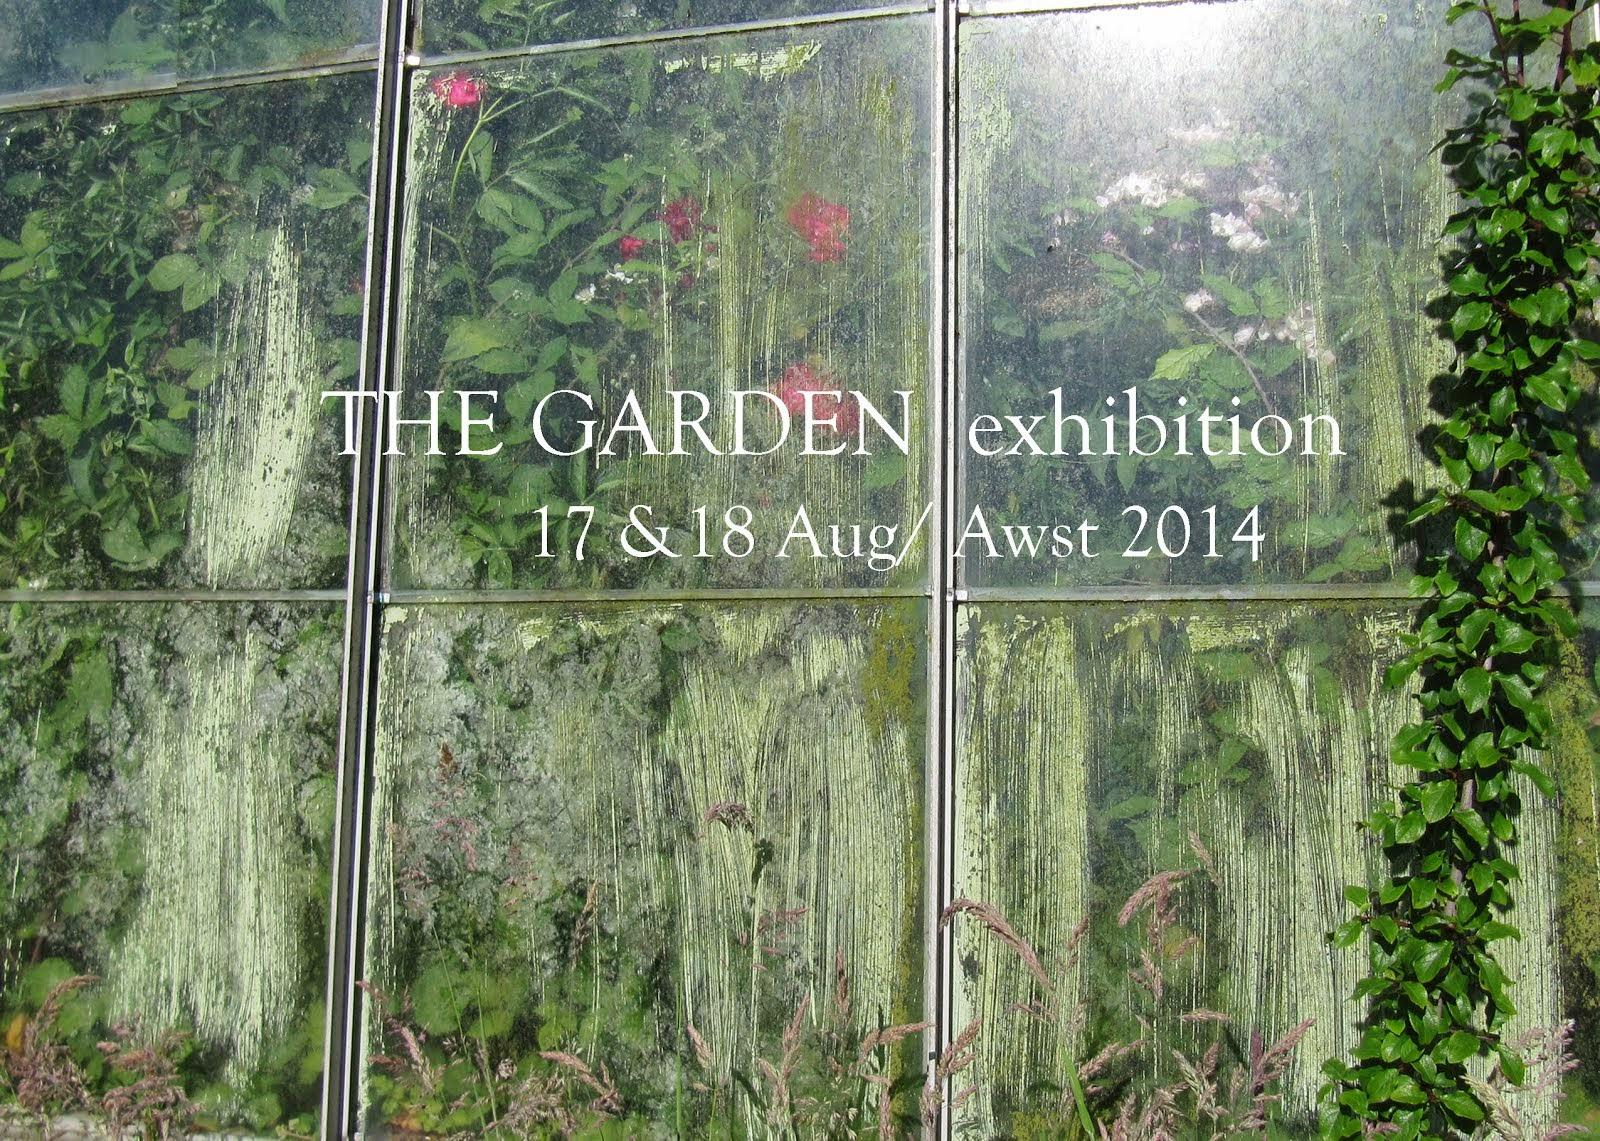 The garden 2014